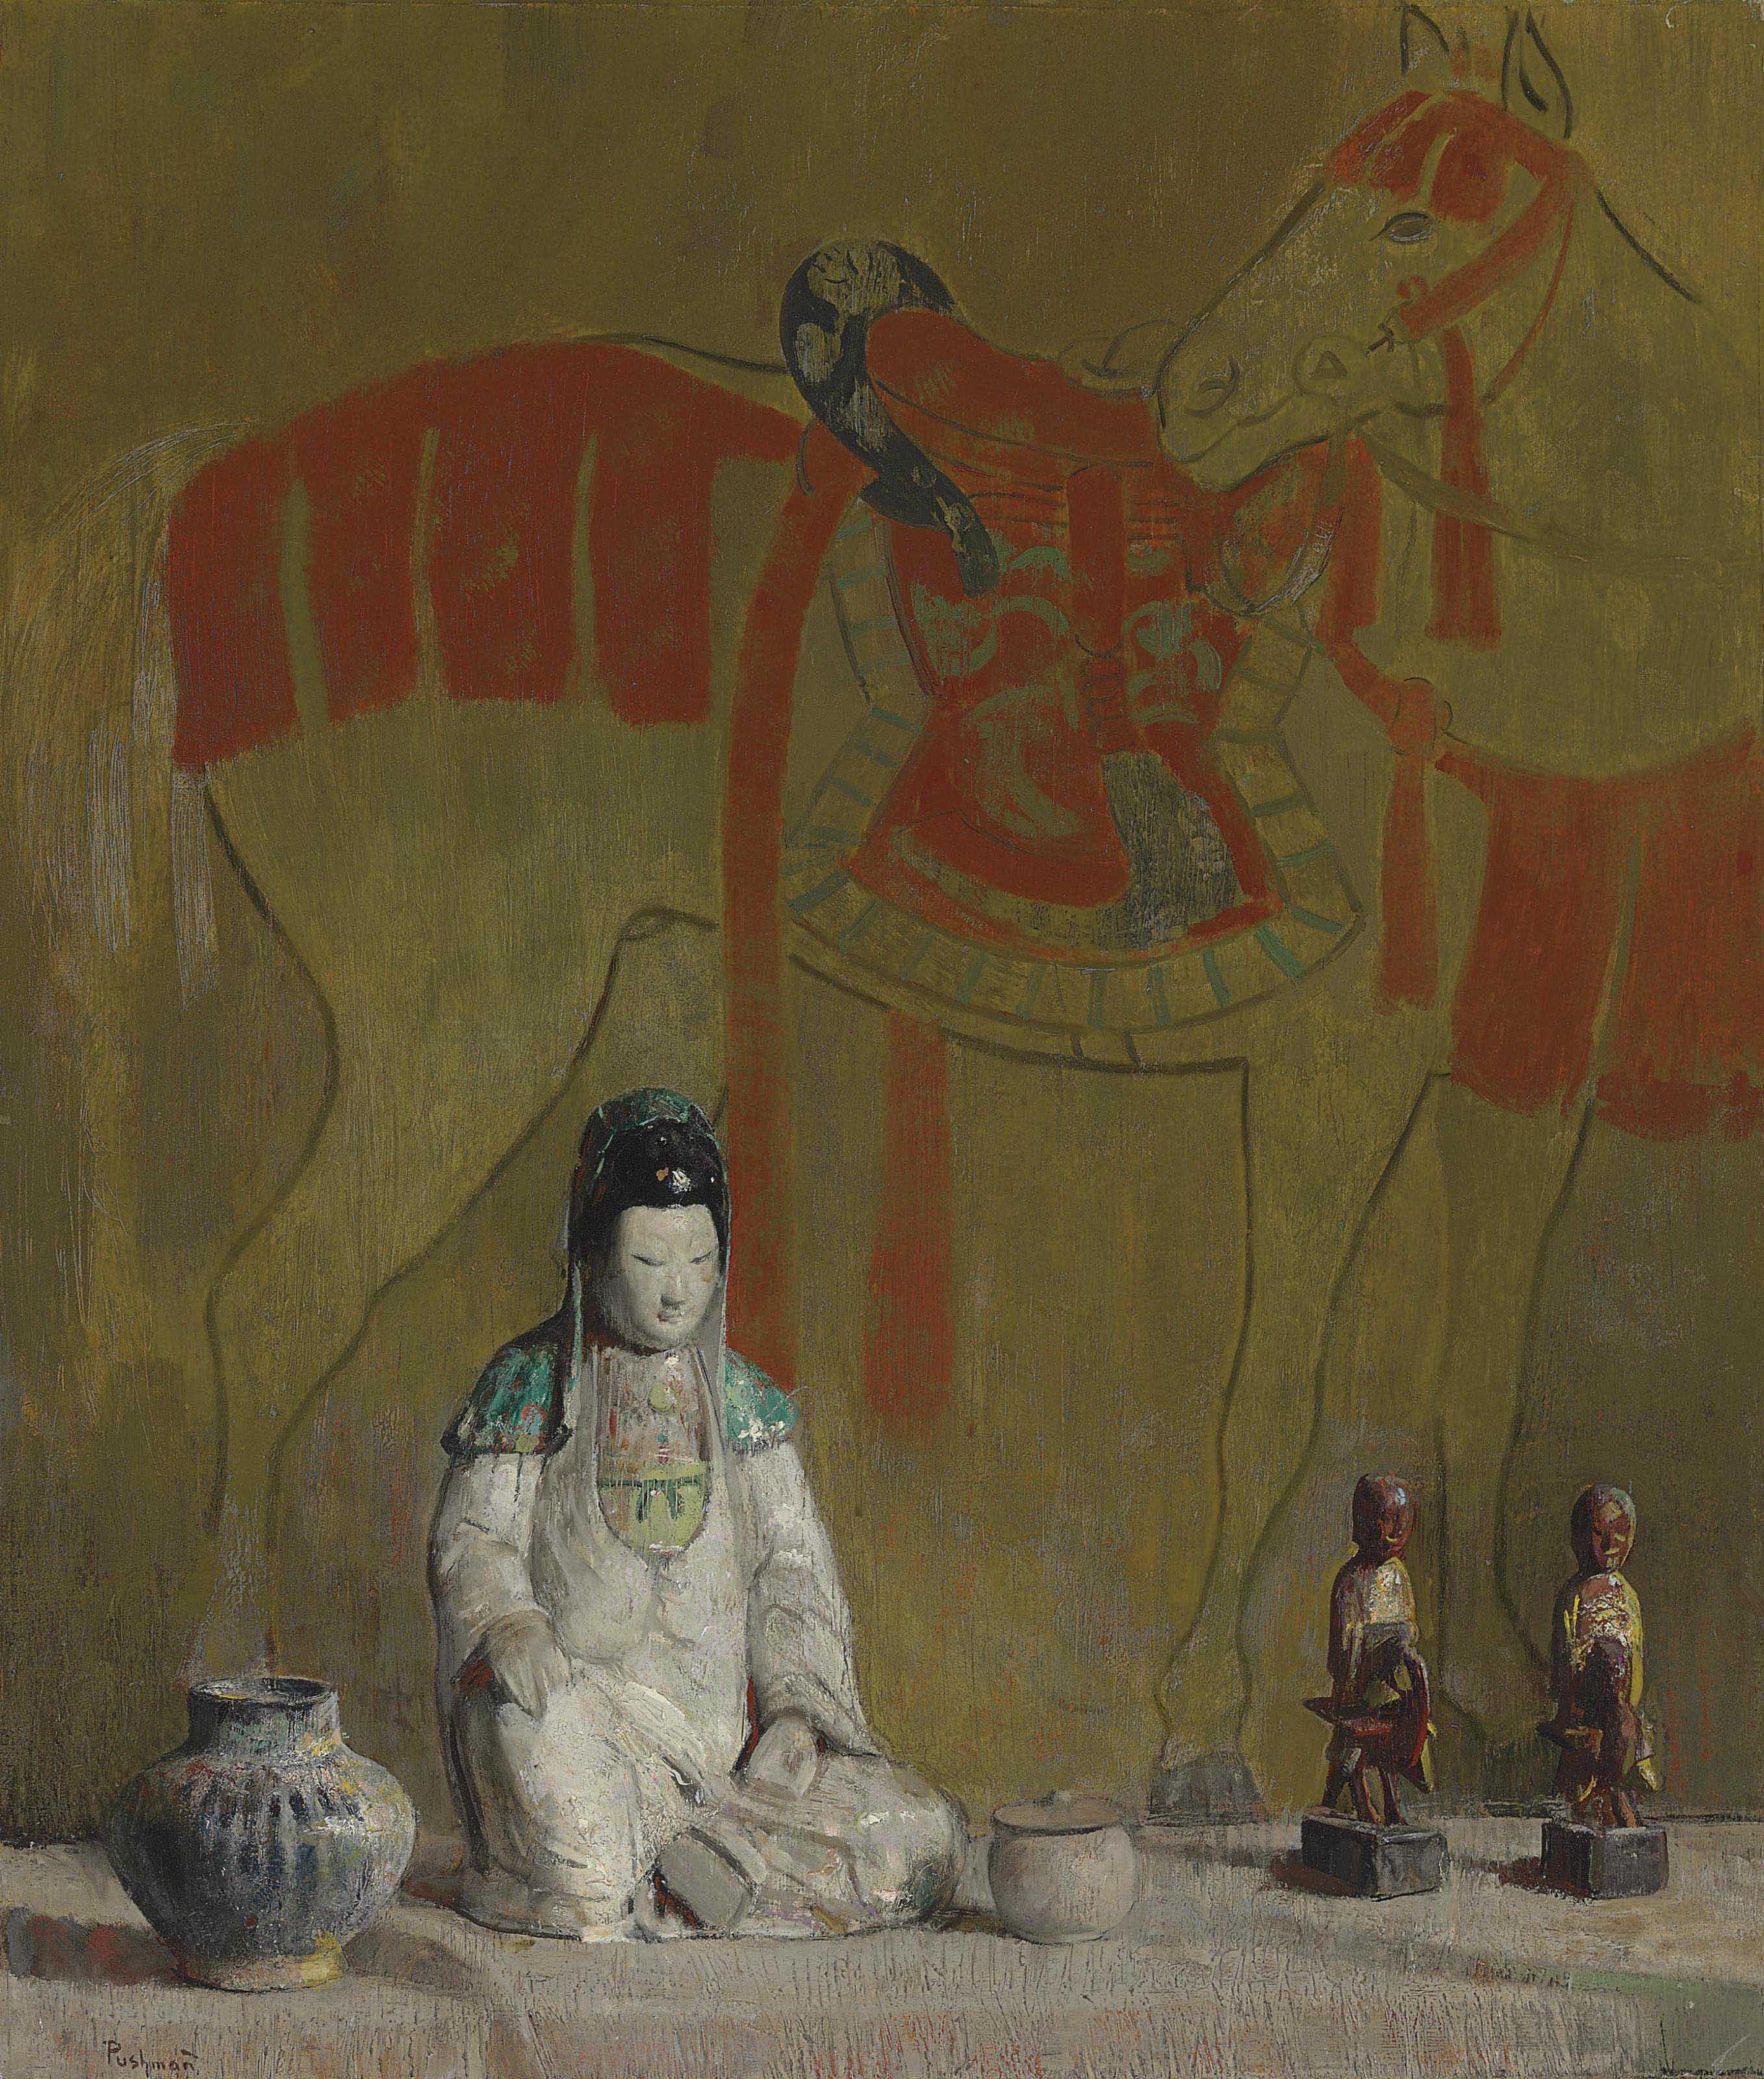 Still Life: The Tang Horse